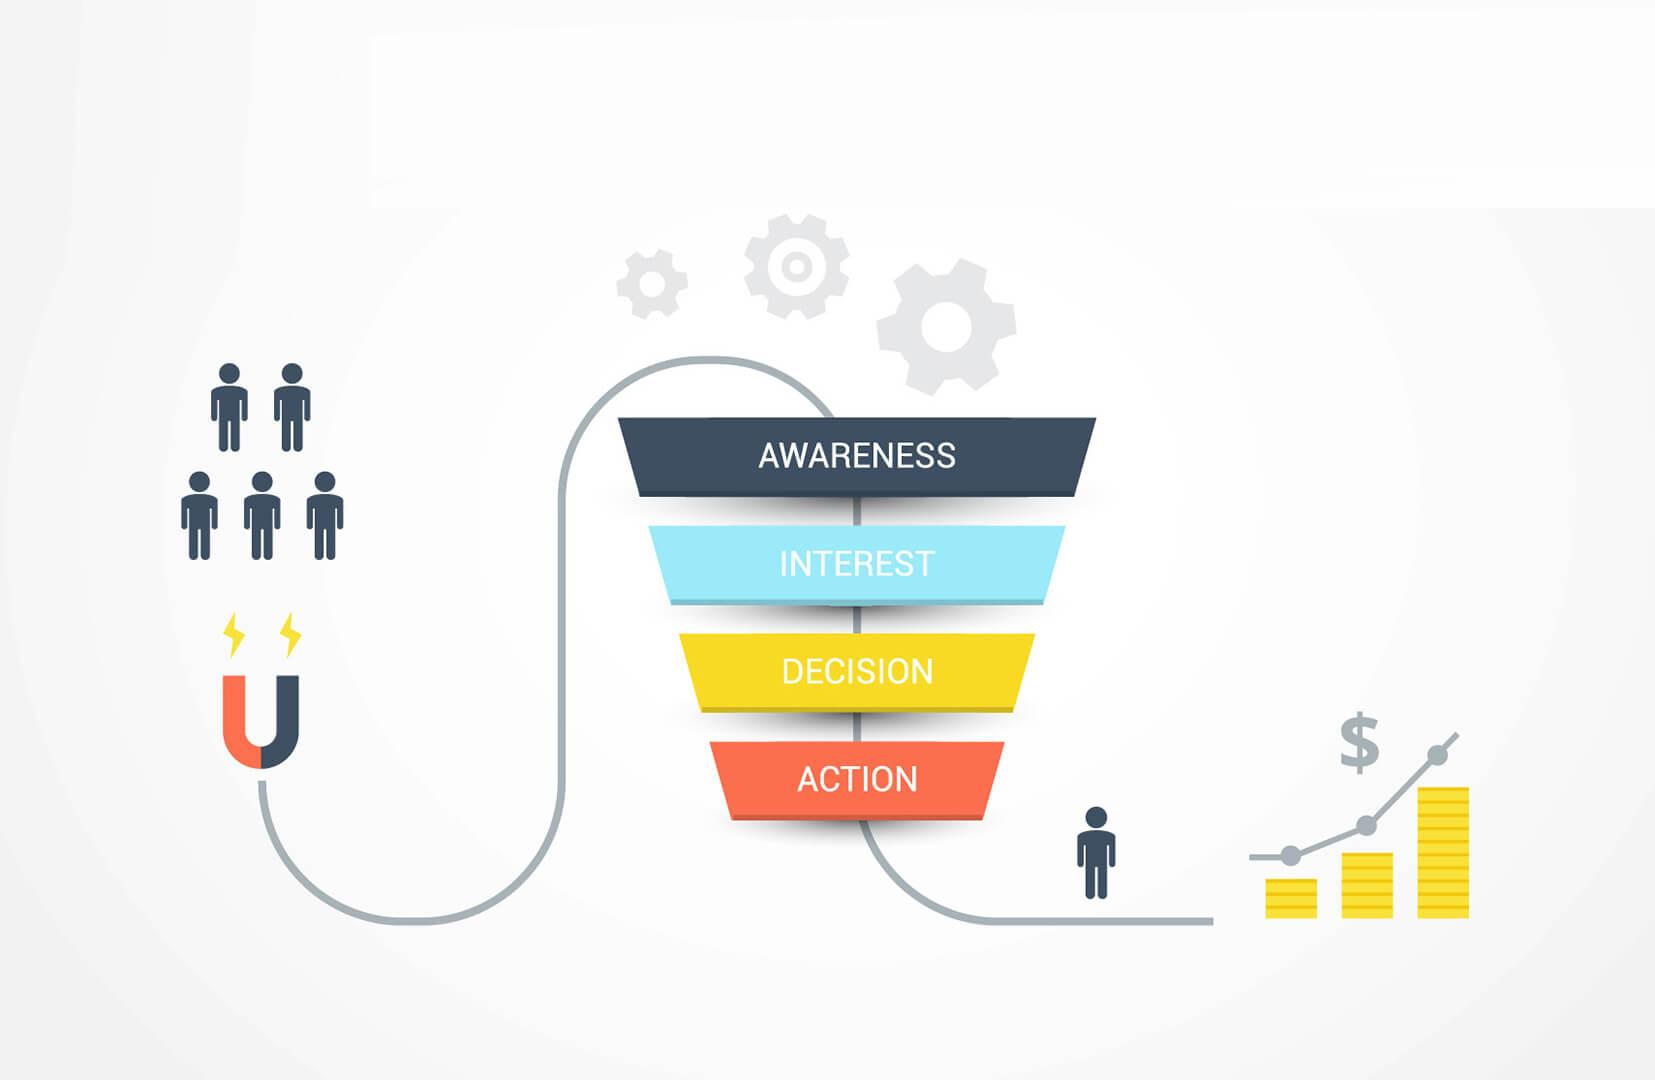 Lead generation various strategies